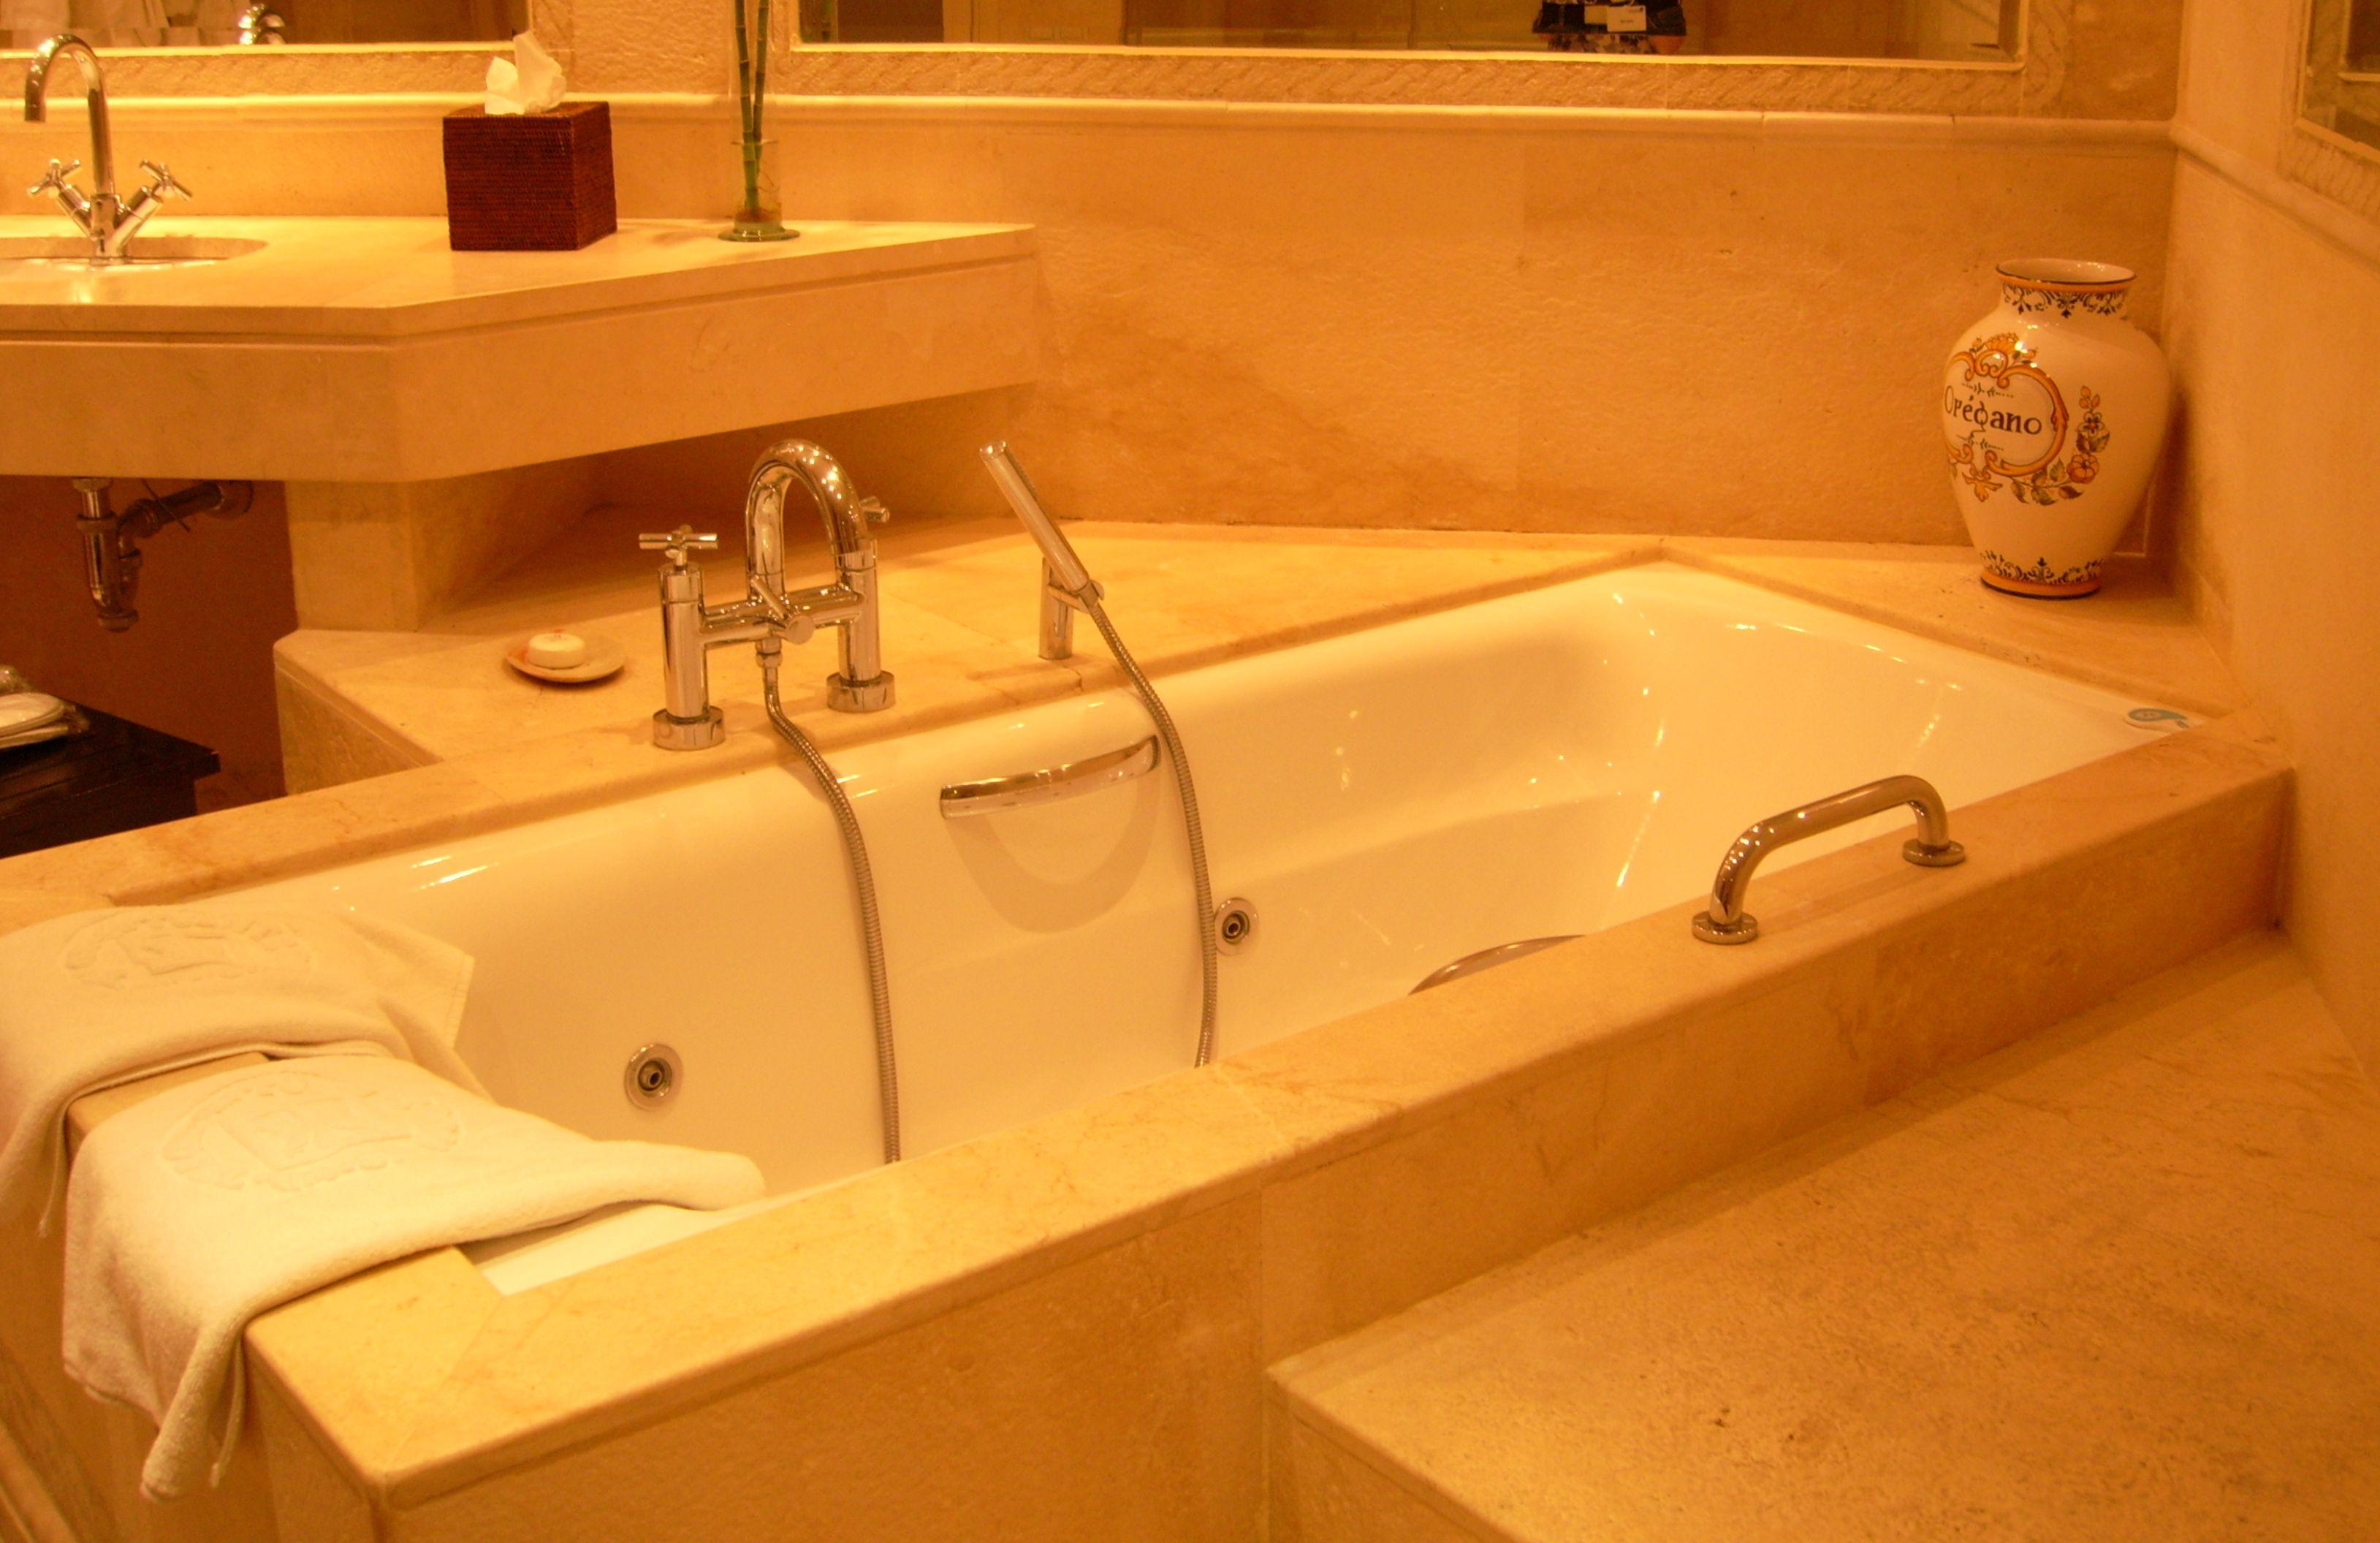 Hot Tub In Hotel Room Albuquerque